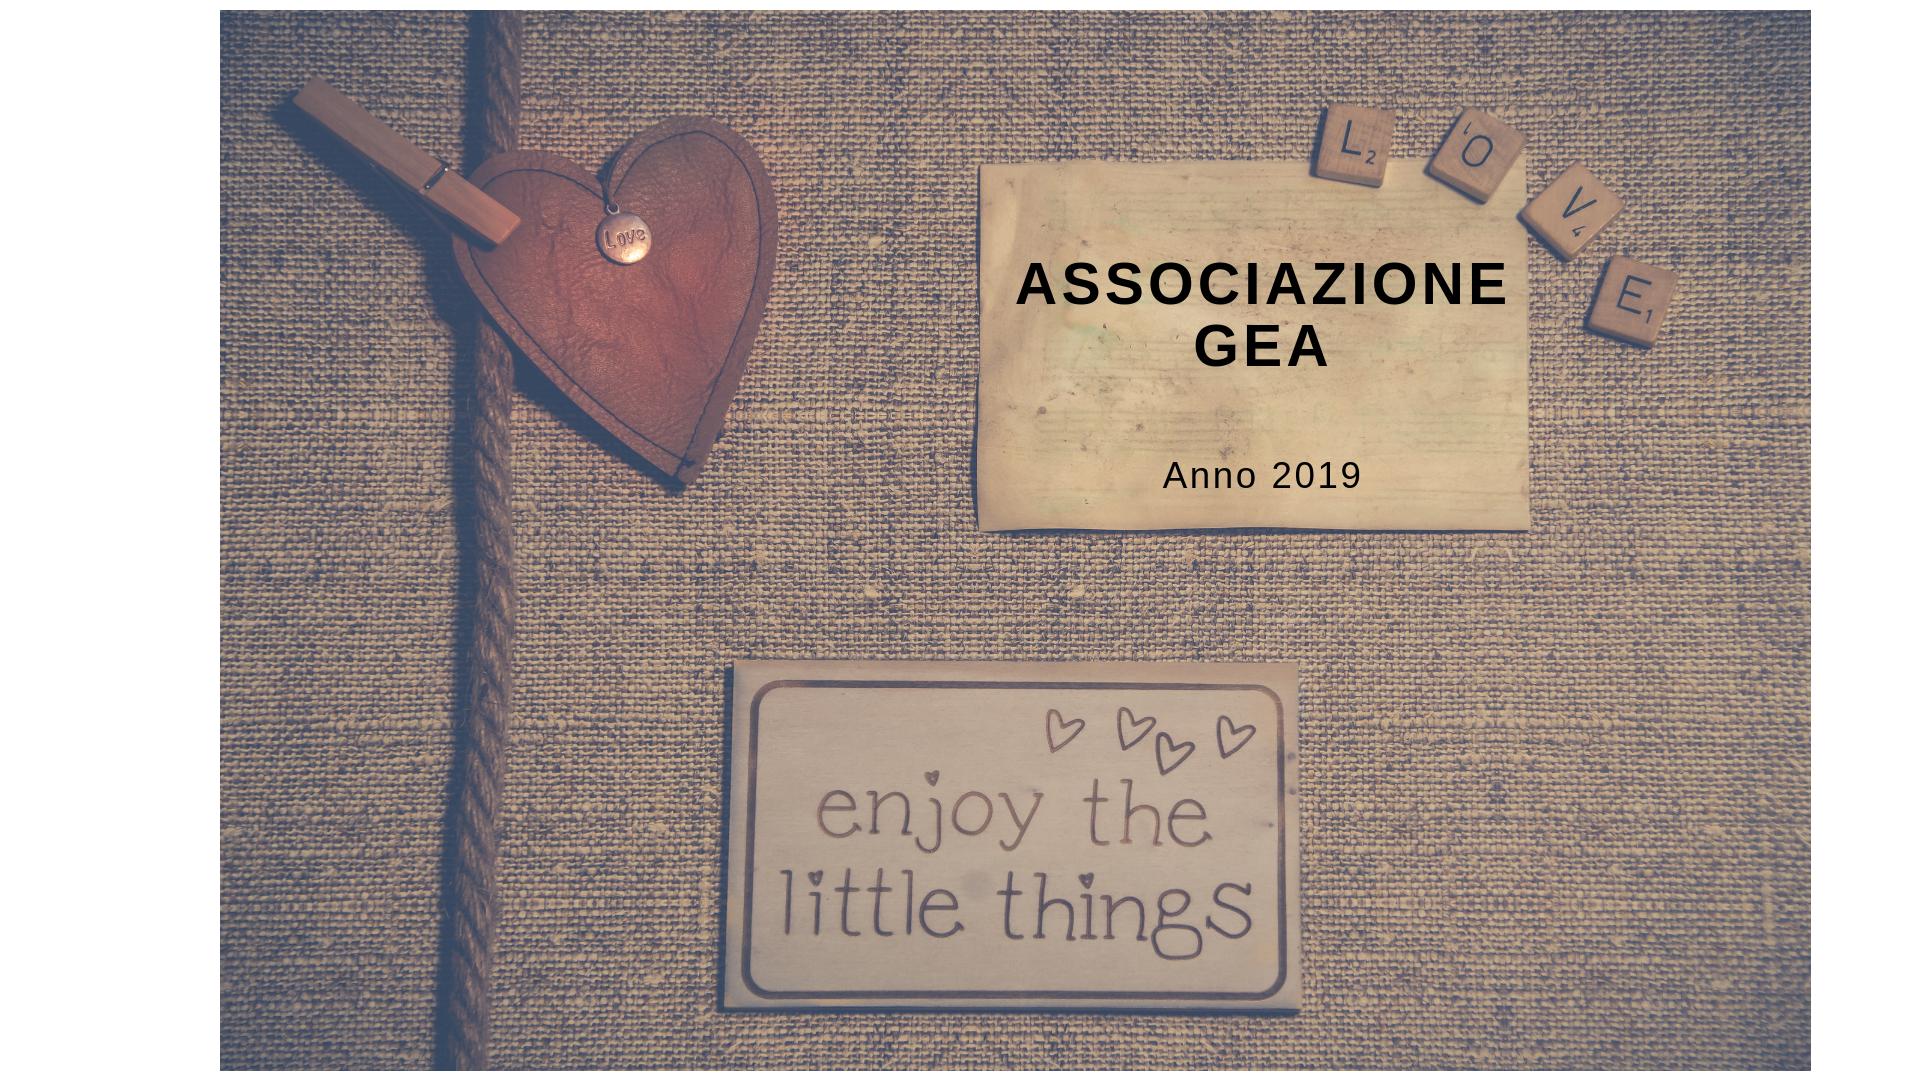 Associazione GEA